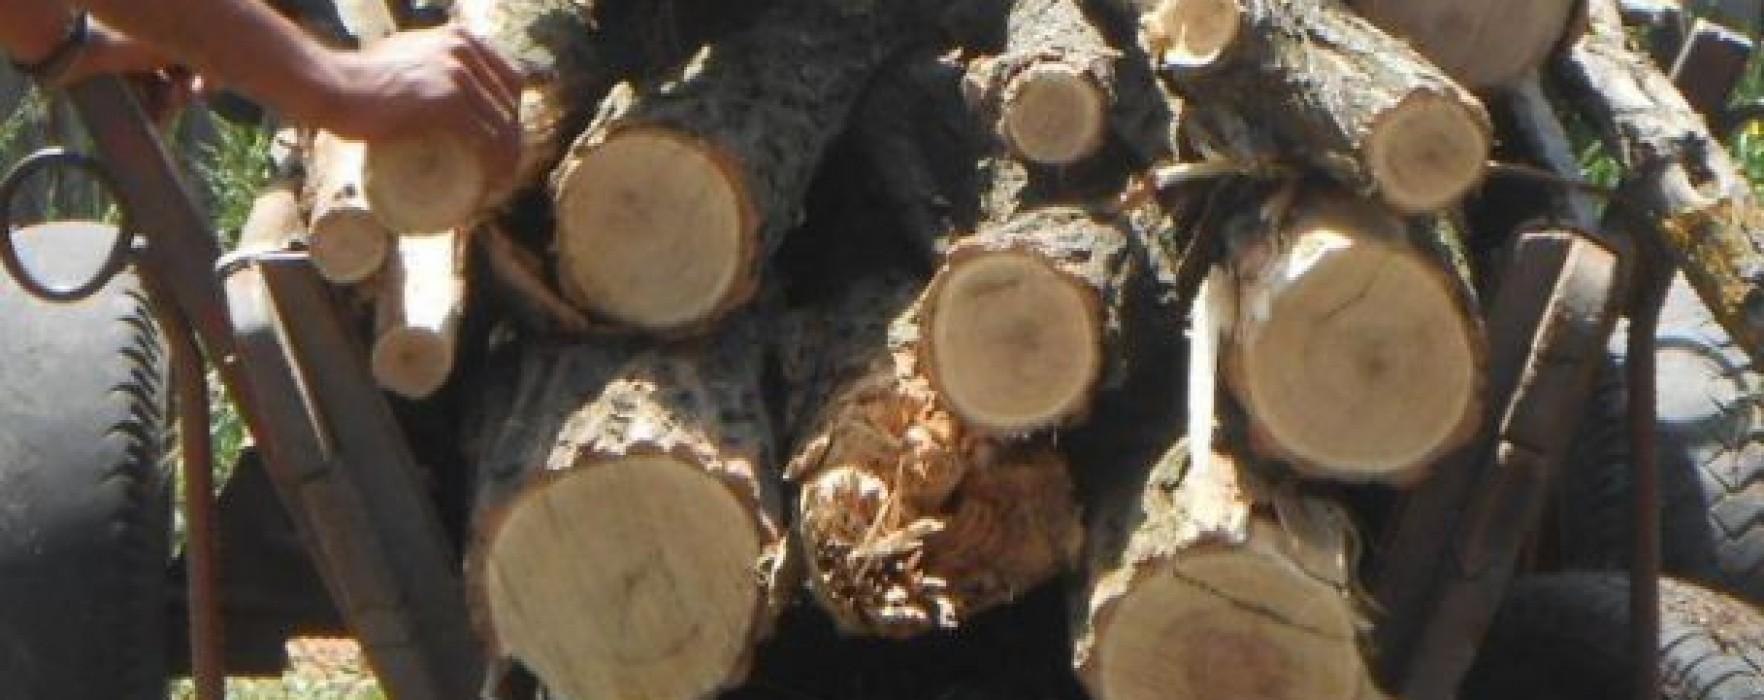 Dâmboviţa: Aproape 400 de sancţiuni într-o săptămână pentru ilegalităţi în domeniul silviculturii